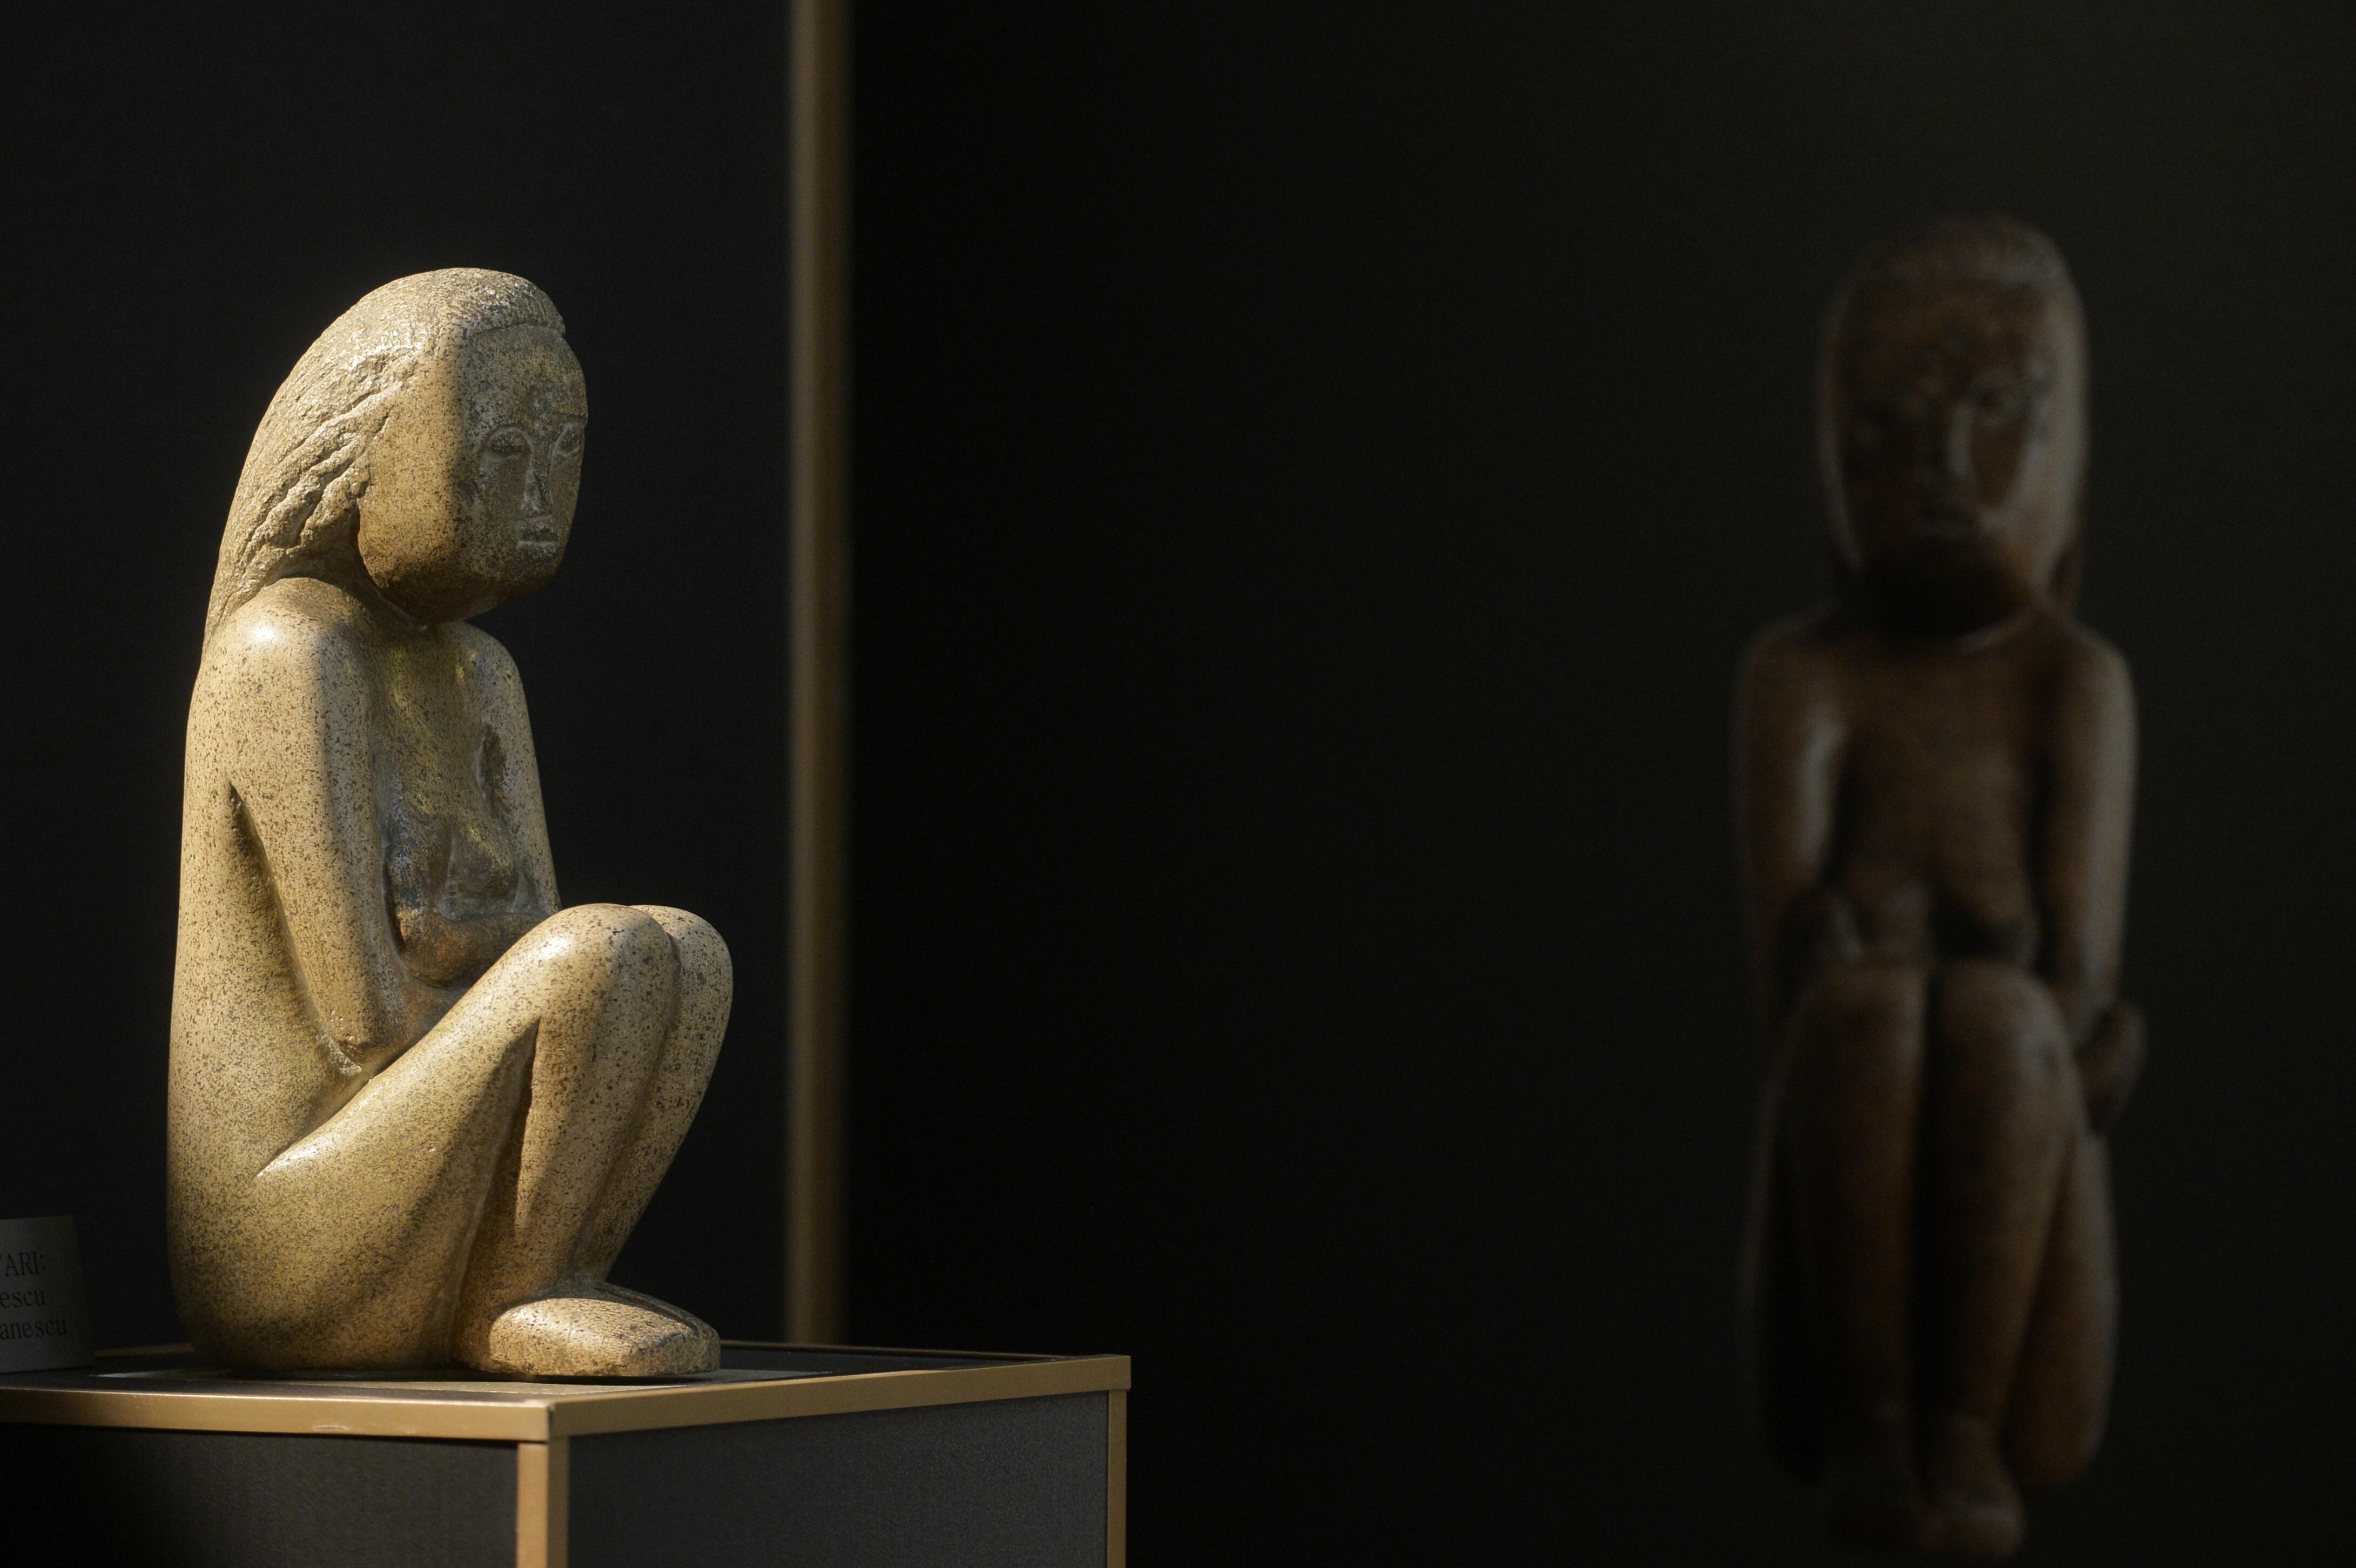 FOTO   Cuminţenia Pământului, replica din LUT a operei lui Brâncuşi, expusă la un târg de meşteşugari. Sculptura, arsă la 1000 de grade Celsius pentru a copia culoarea originală